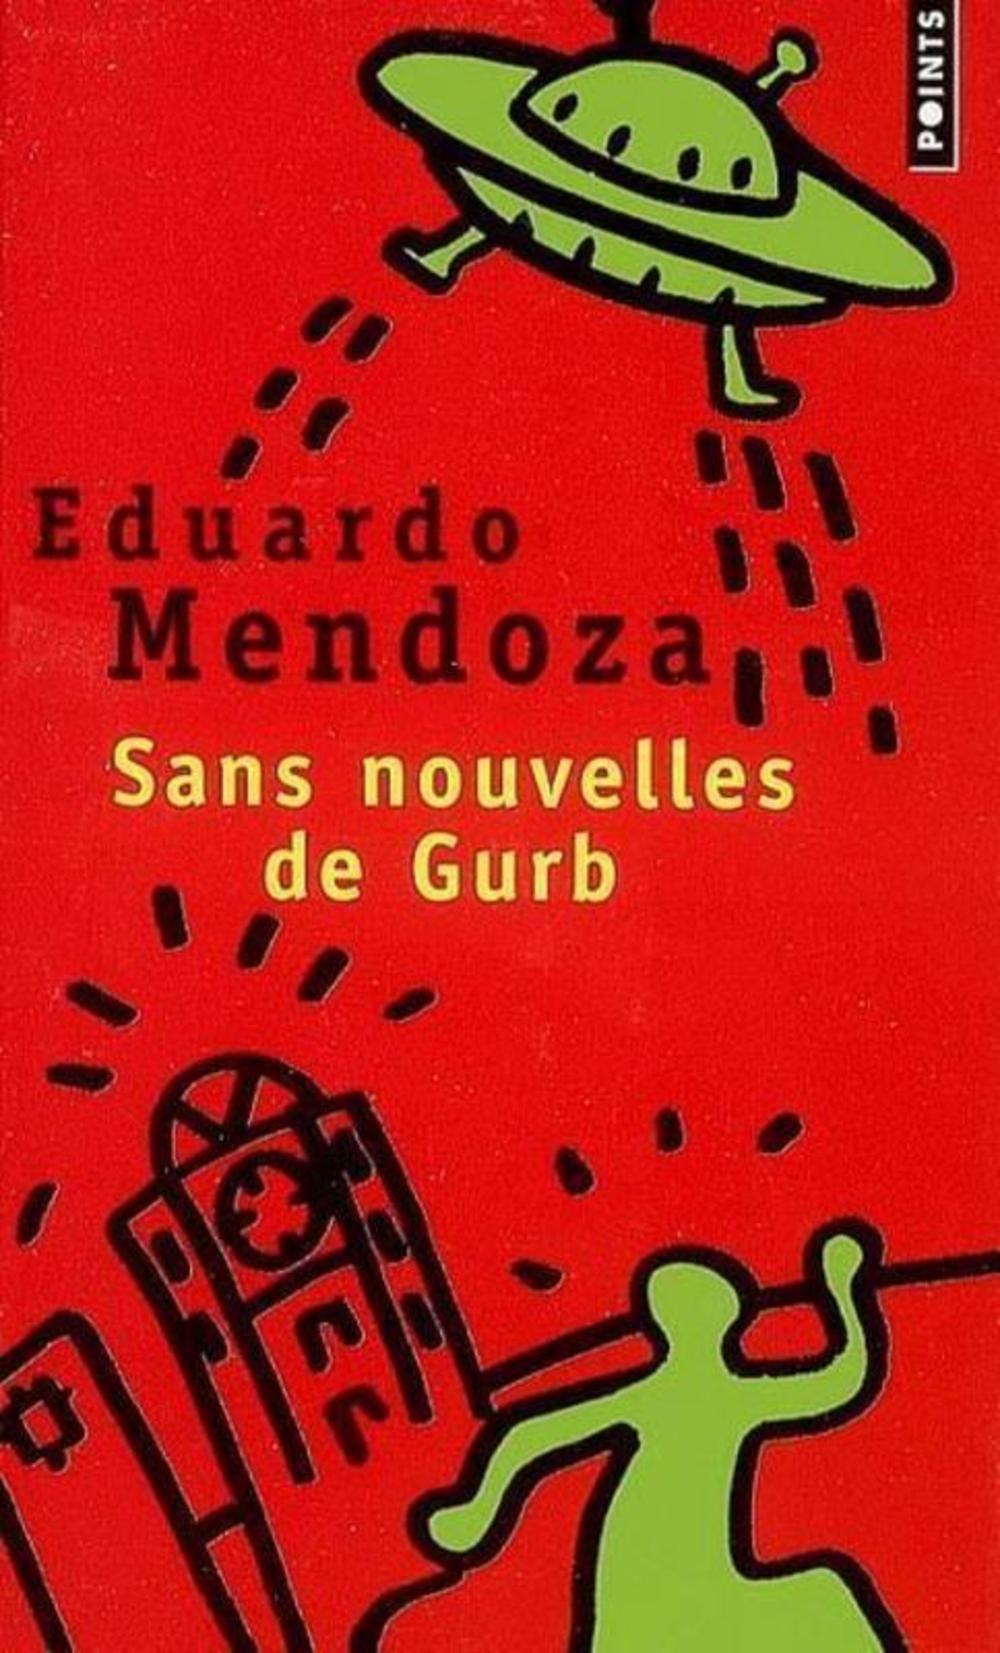 Sans Nouvelles De Gurb Nouvelle I Dition Eduardo Mendoza